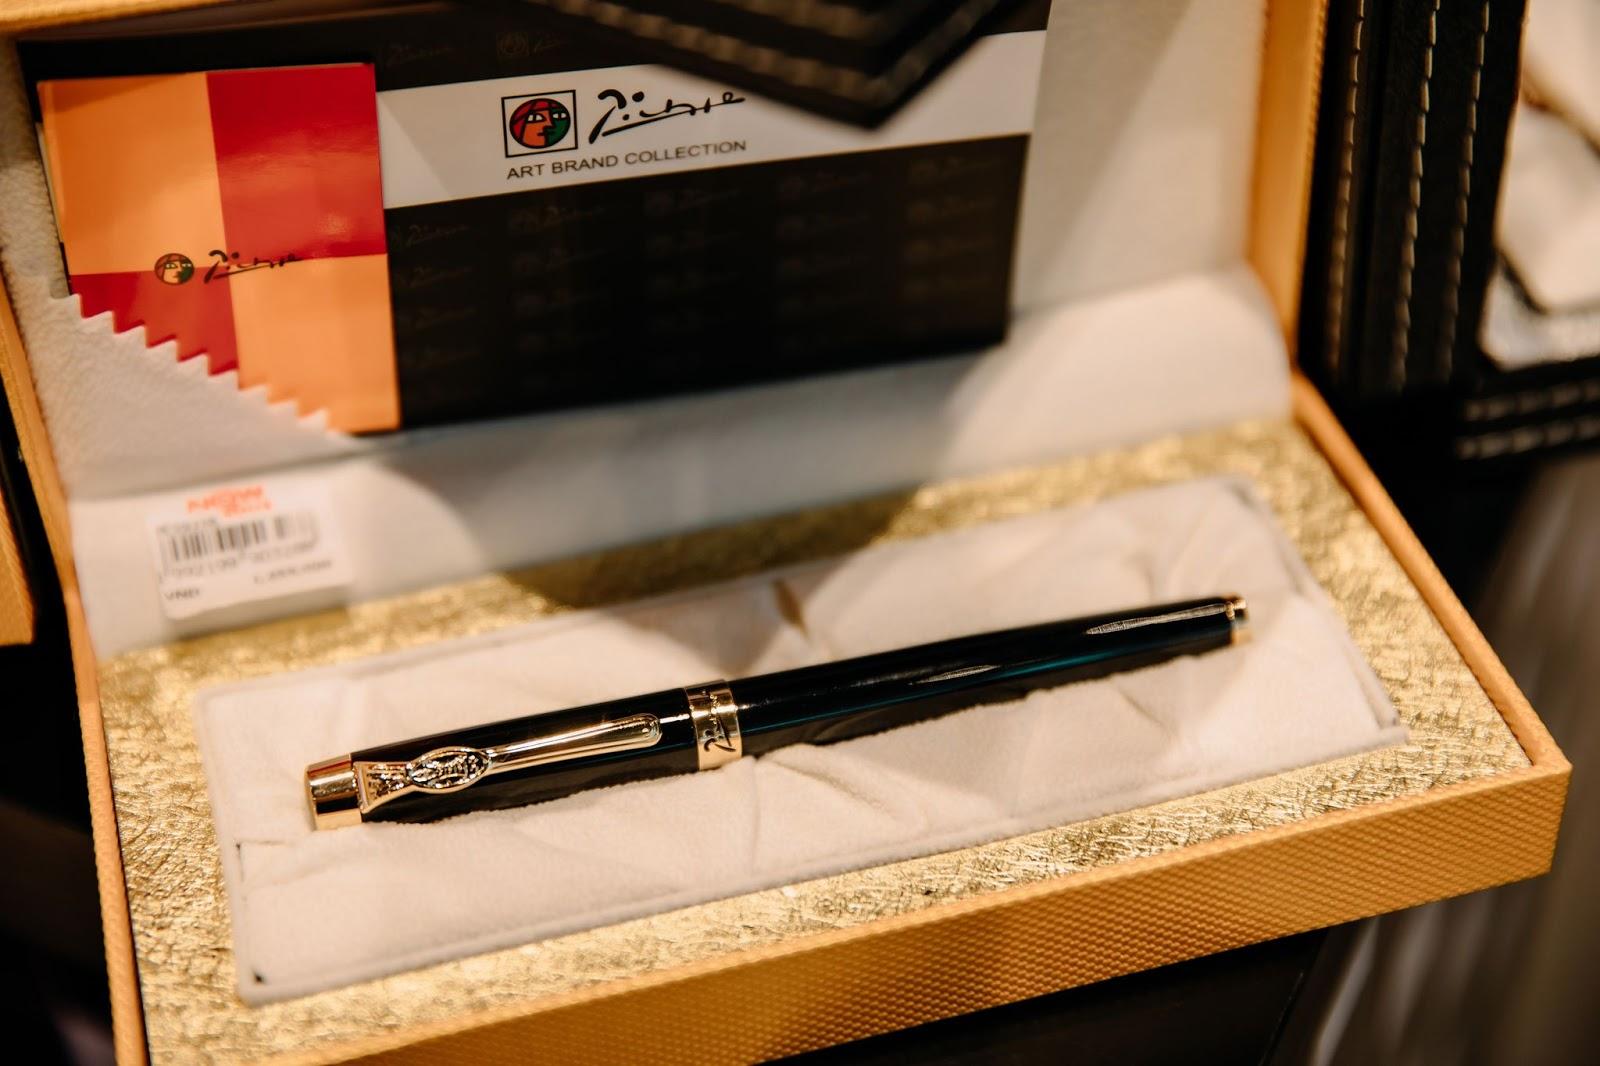 Tham khảo mức giá để mua bút với giá tốt nhất